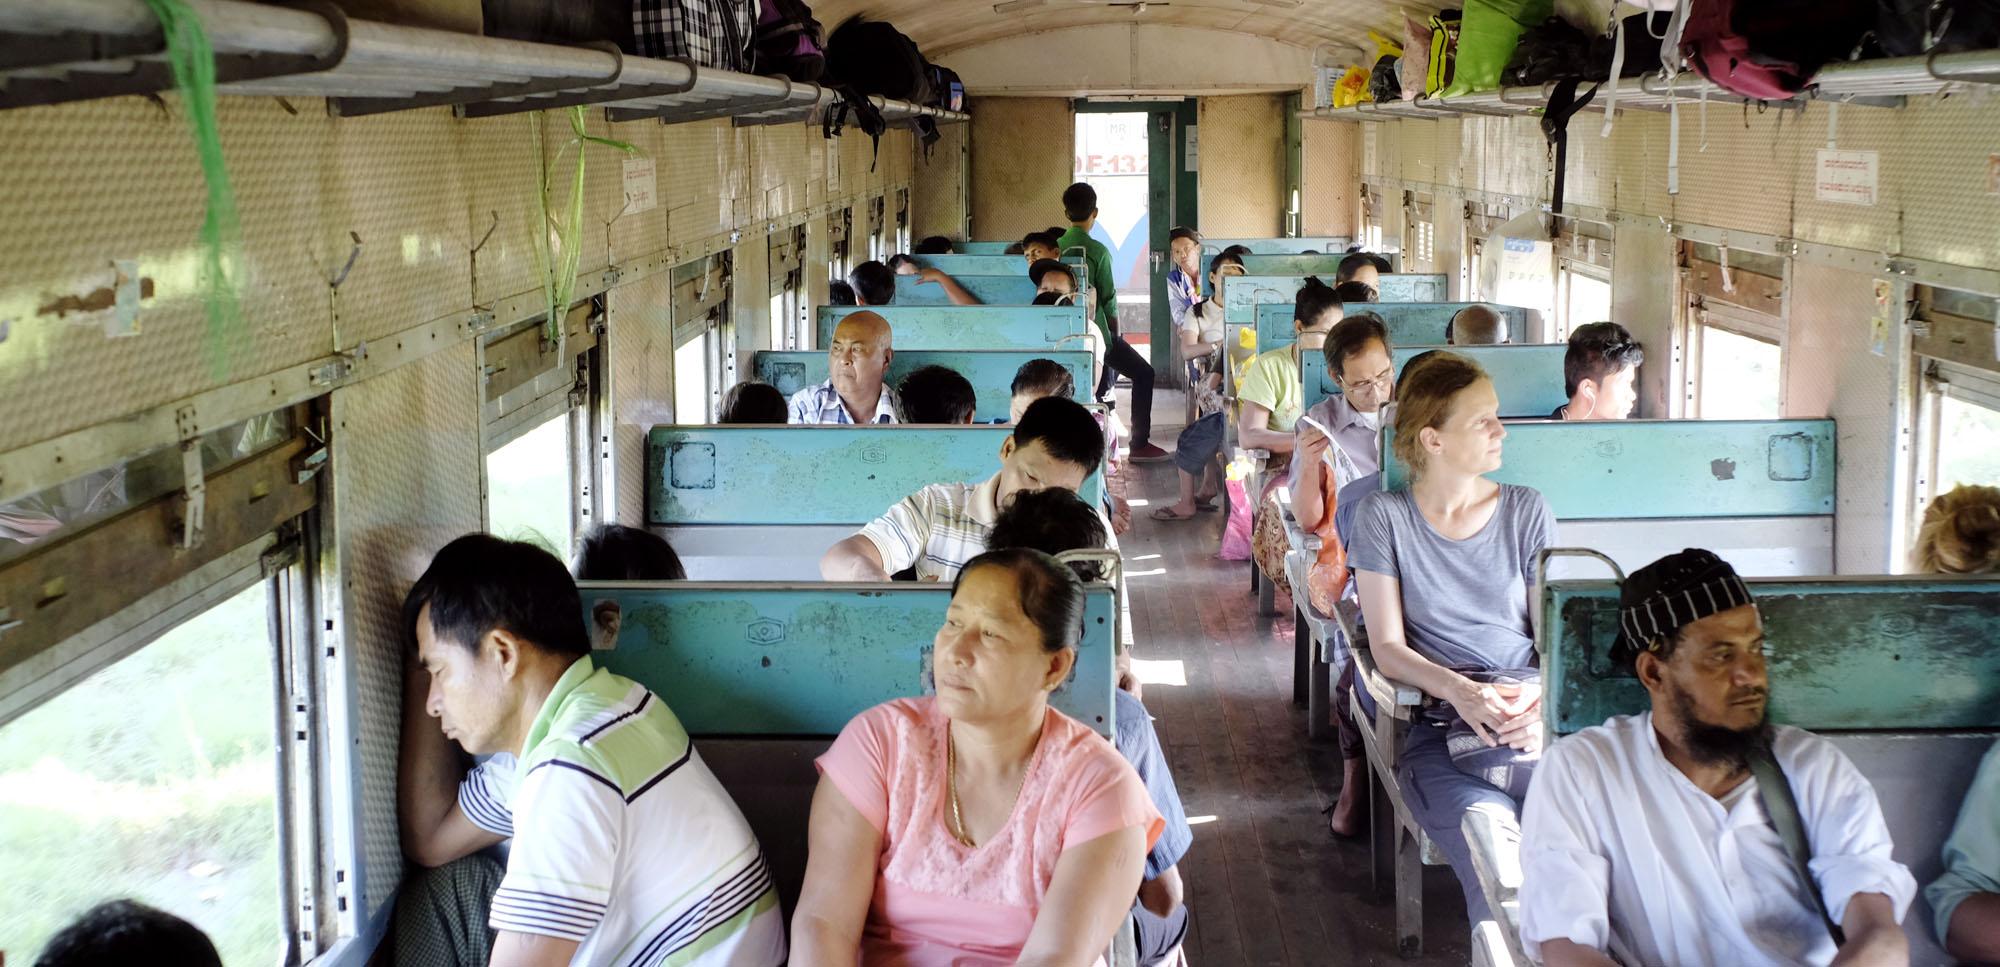 reise-ansichten Bahn Myanmar